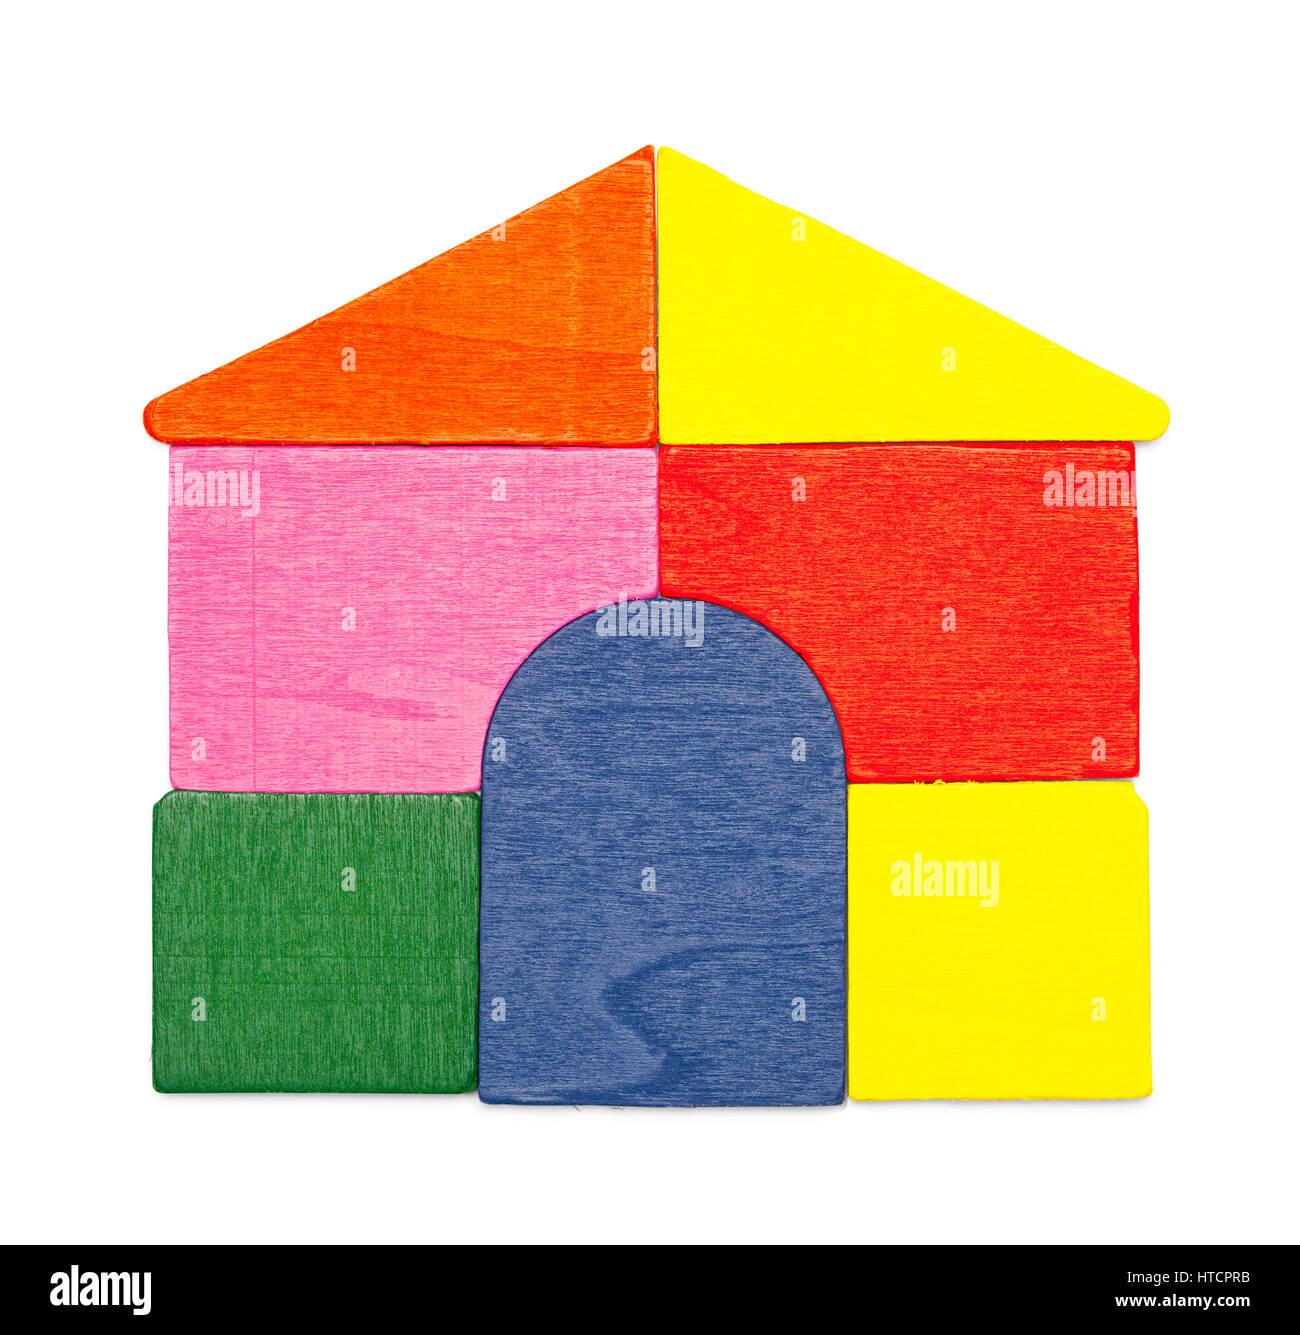 Wood House of Blocks Isolated on White Background. - Stock Image